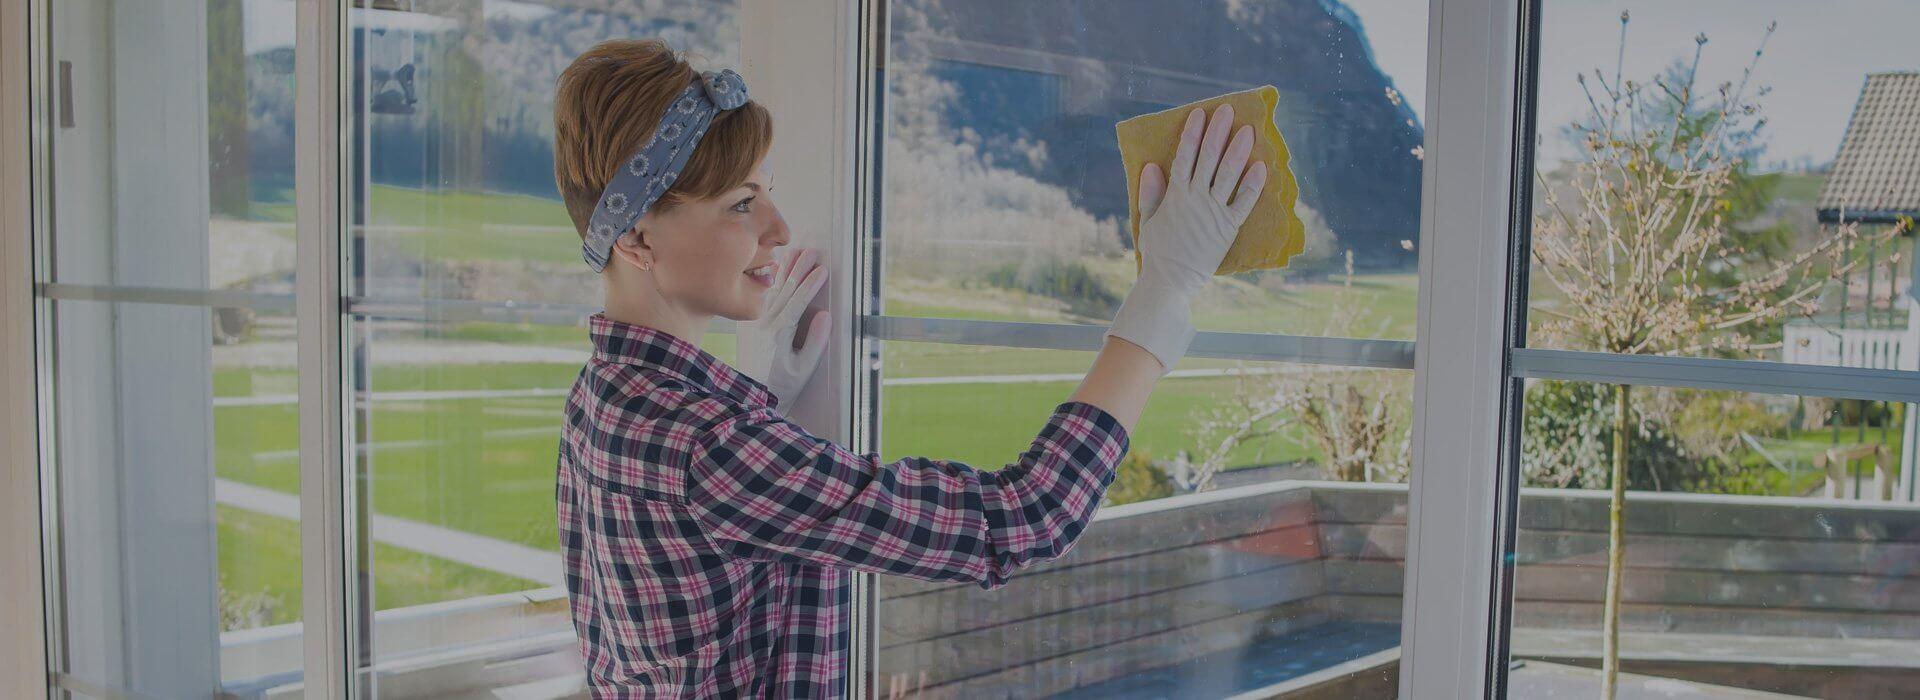 Как часто надо мыть окна?